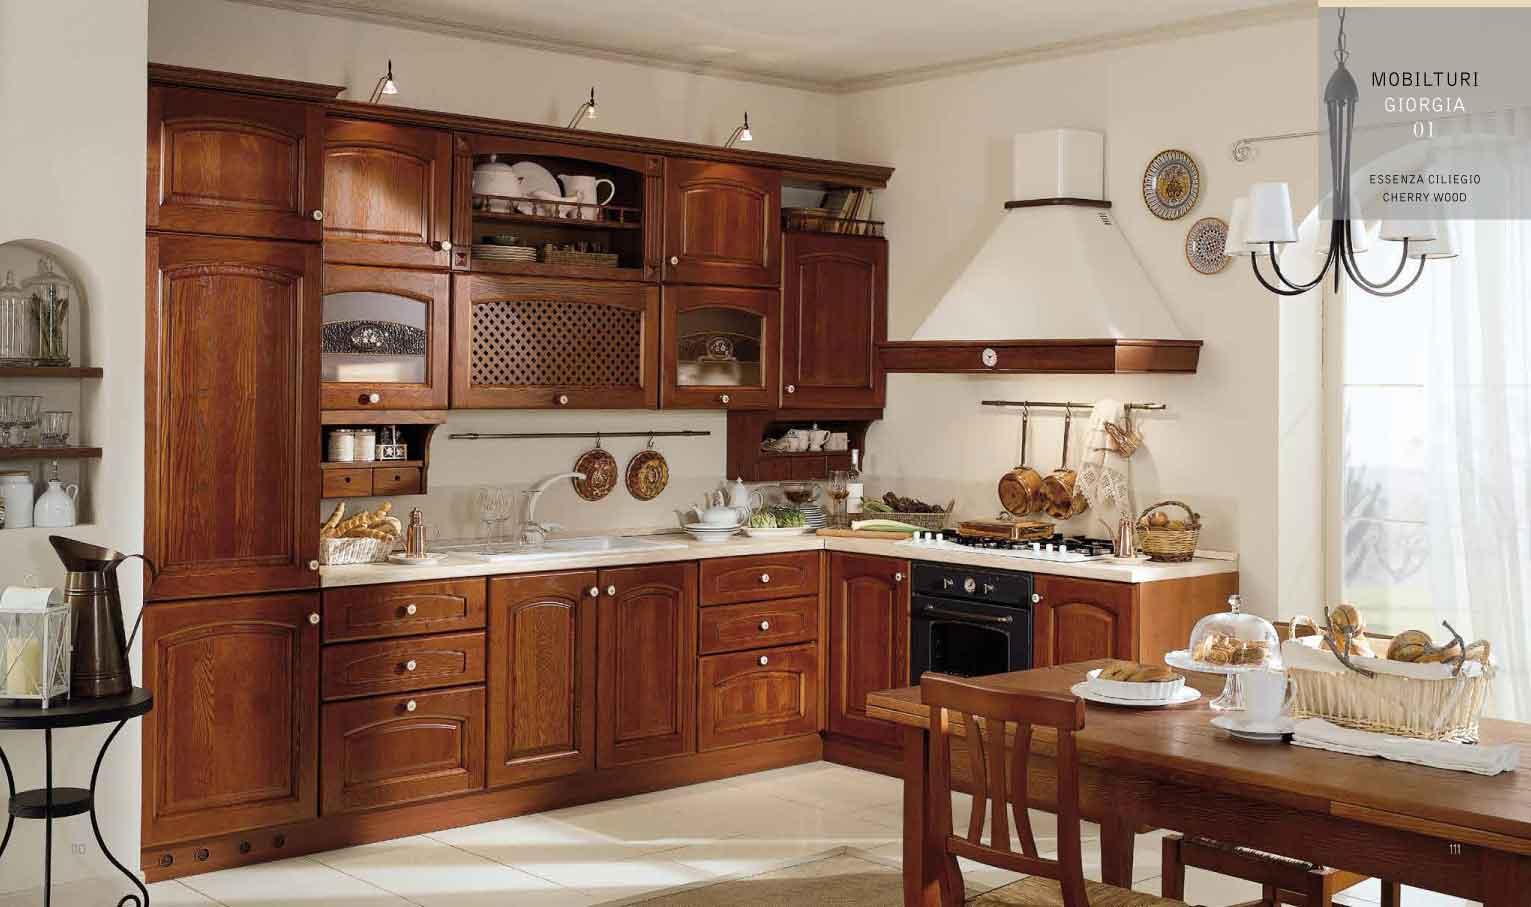 CUCINA Giorgia  Tutto Mobili, arredamento camere cucine ufficio Roma